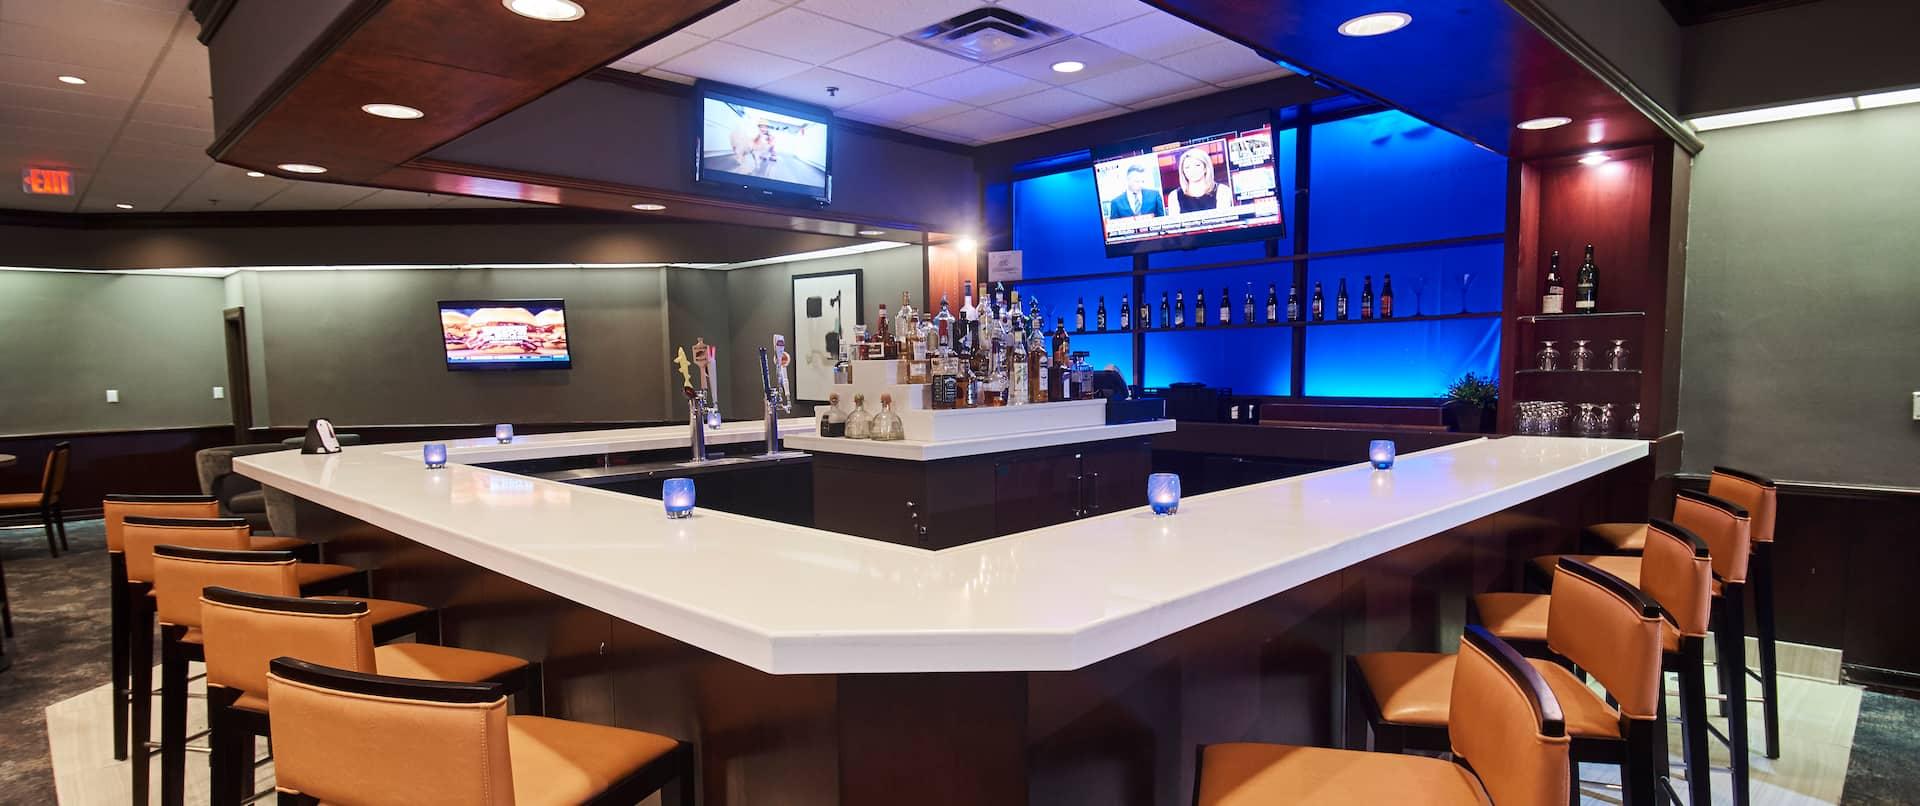 Bar Lounge Counter and Bar Stools